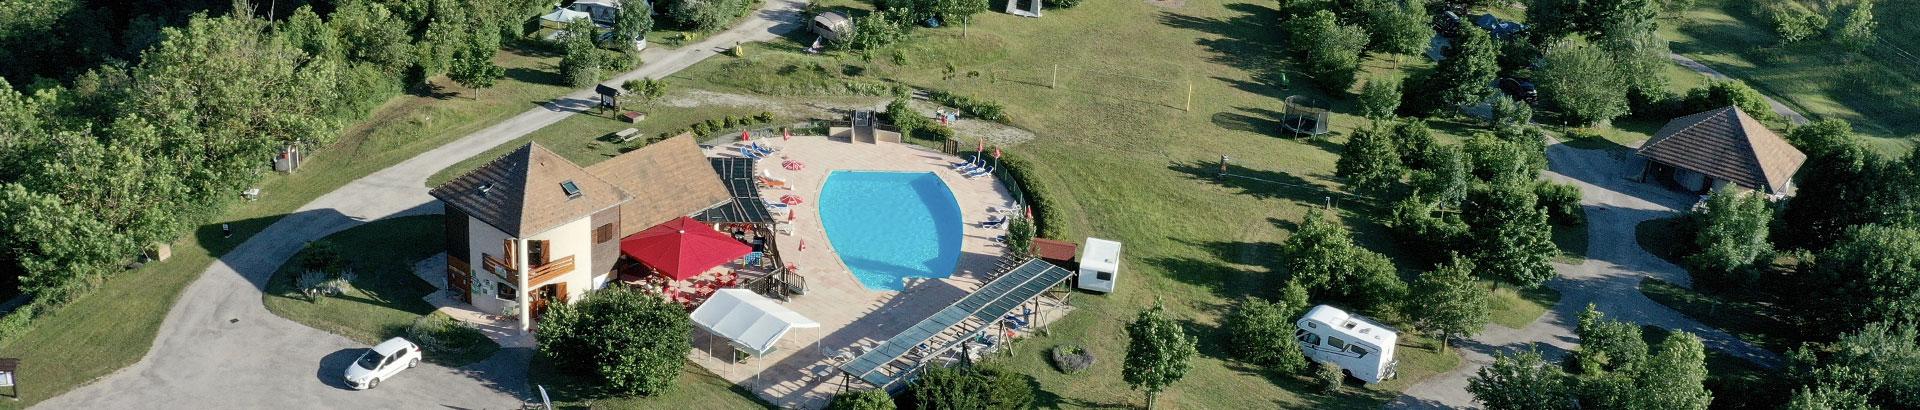 Le camping Belle Roche : grande piscine avec vue panoramique sur les montagnes